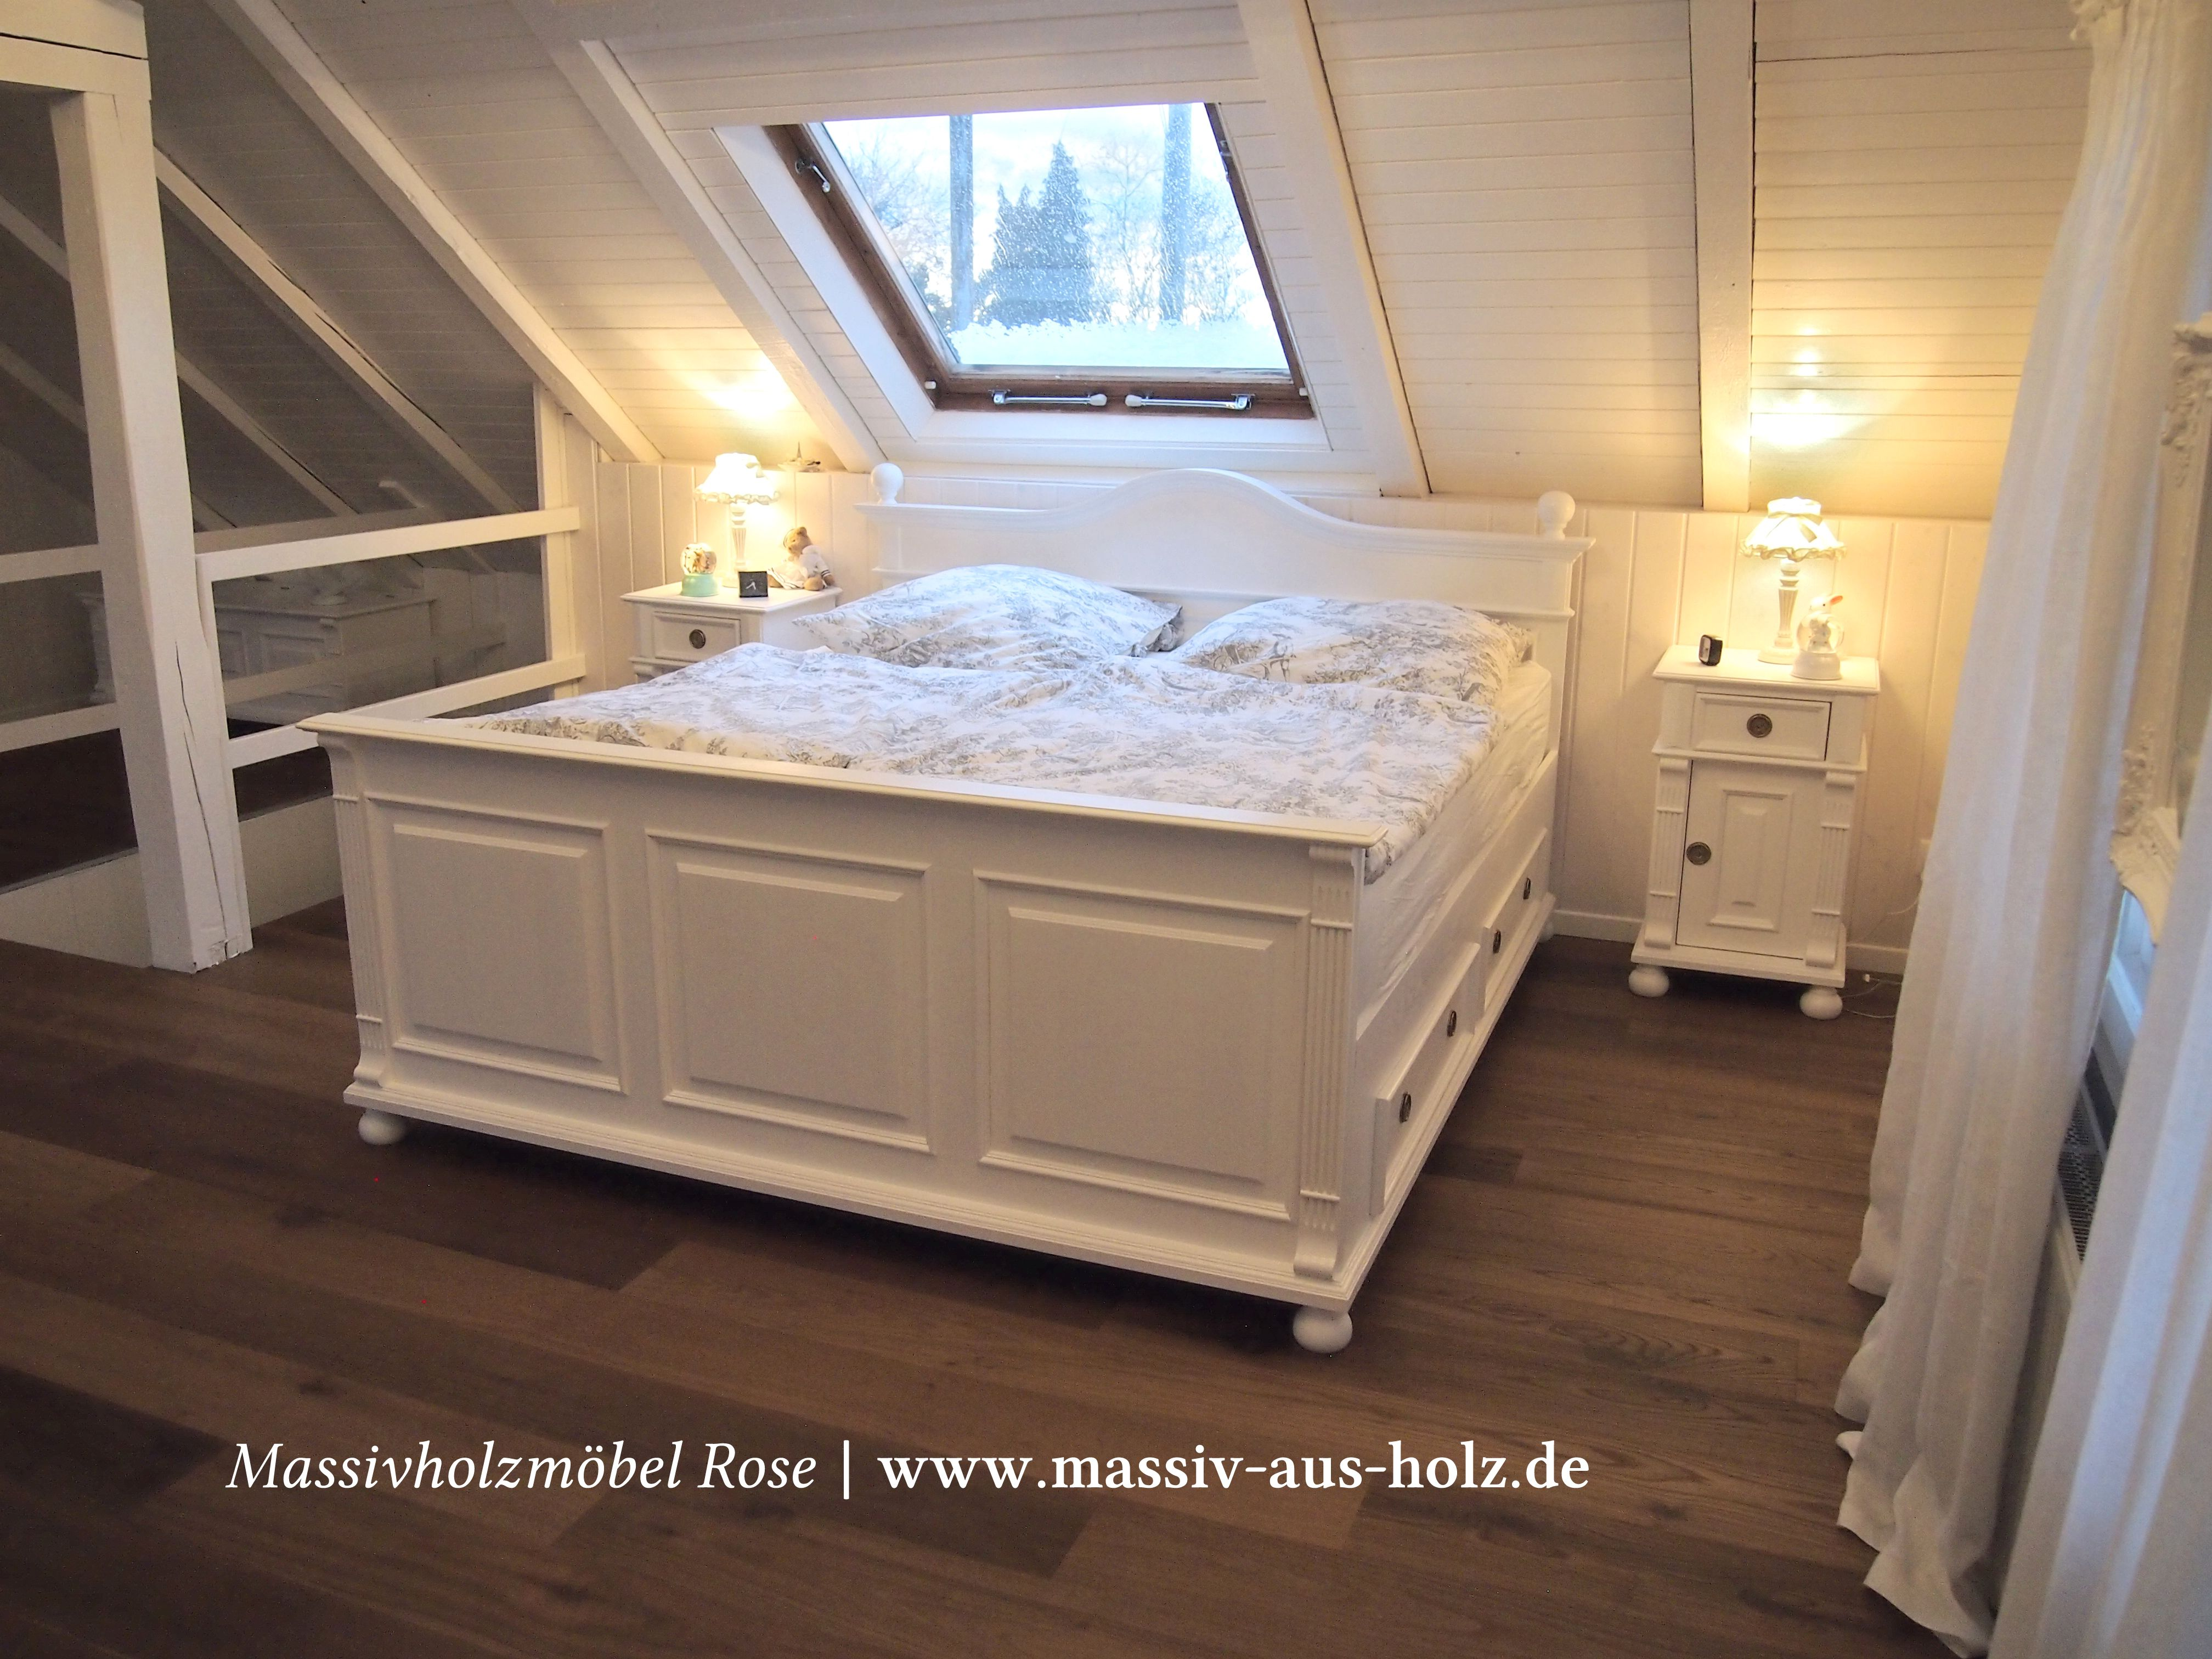 Schlafen im Landhausstil, www.massiv-aus-holz.de #home #zuhause ...